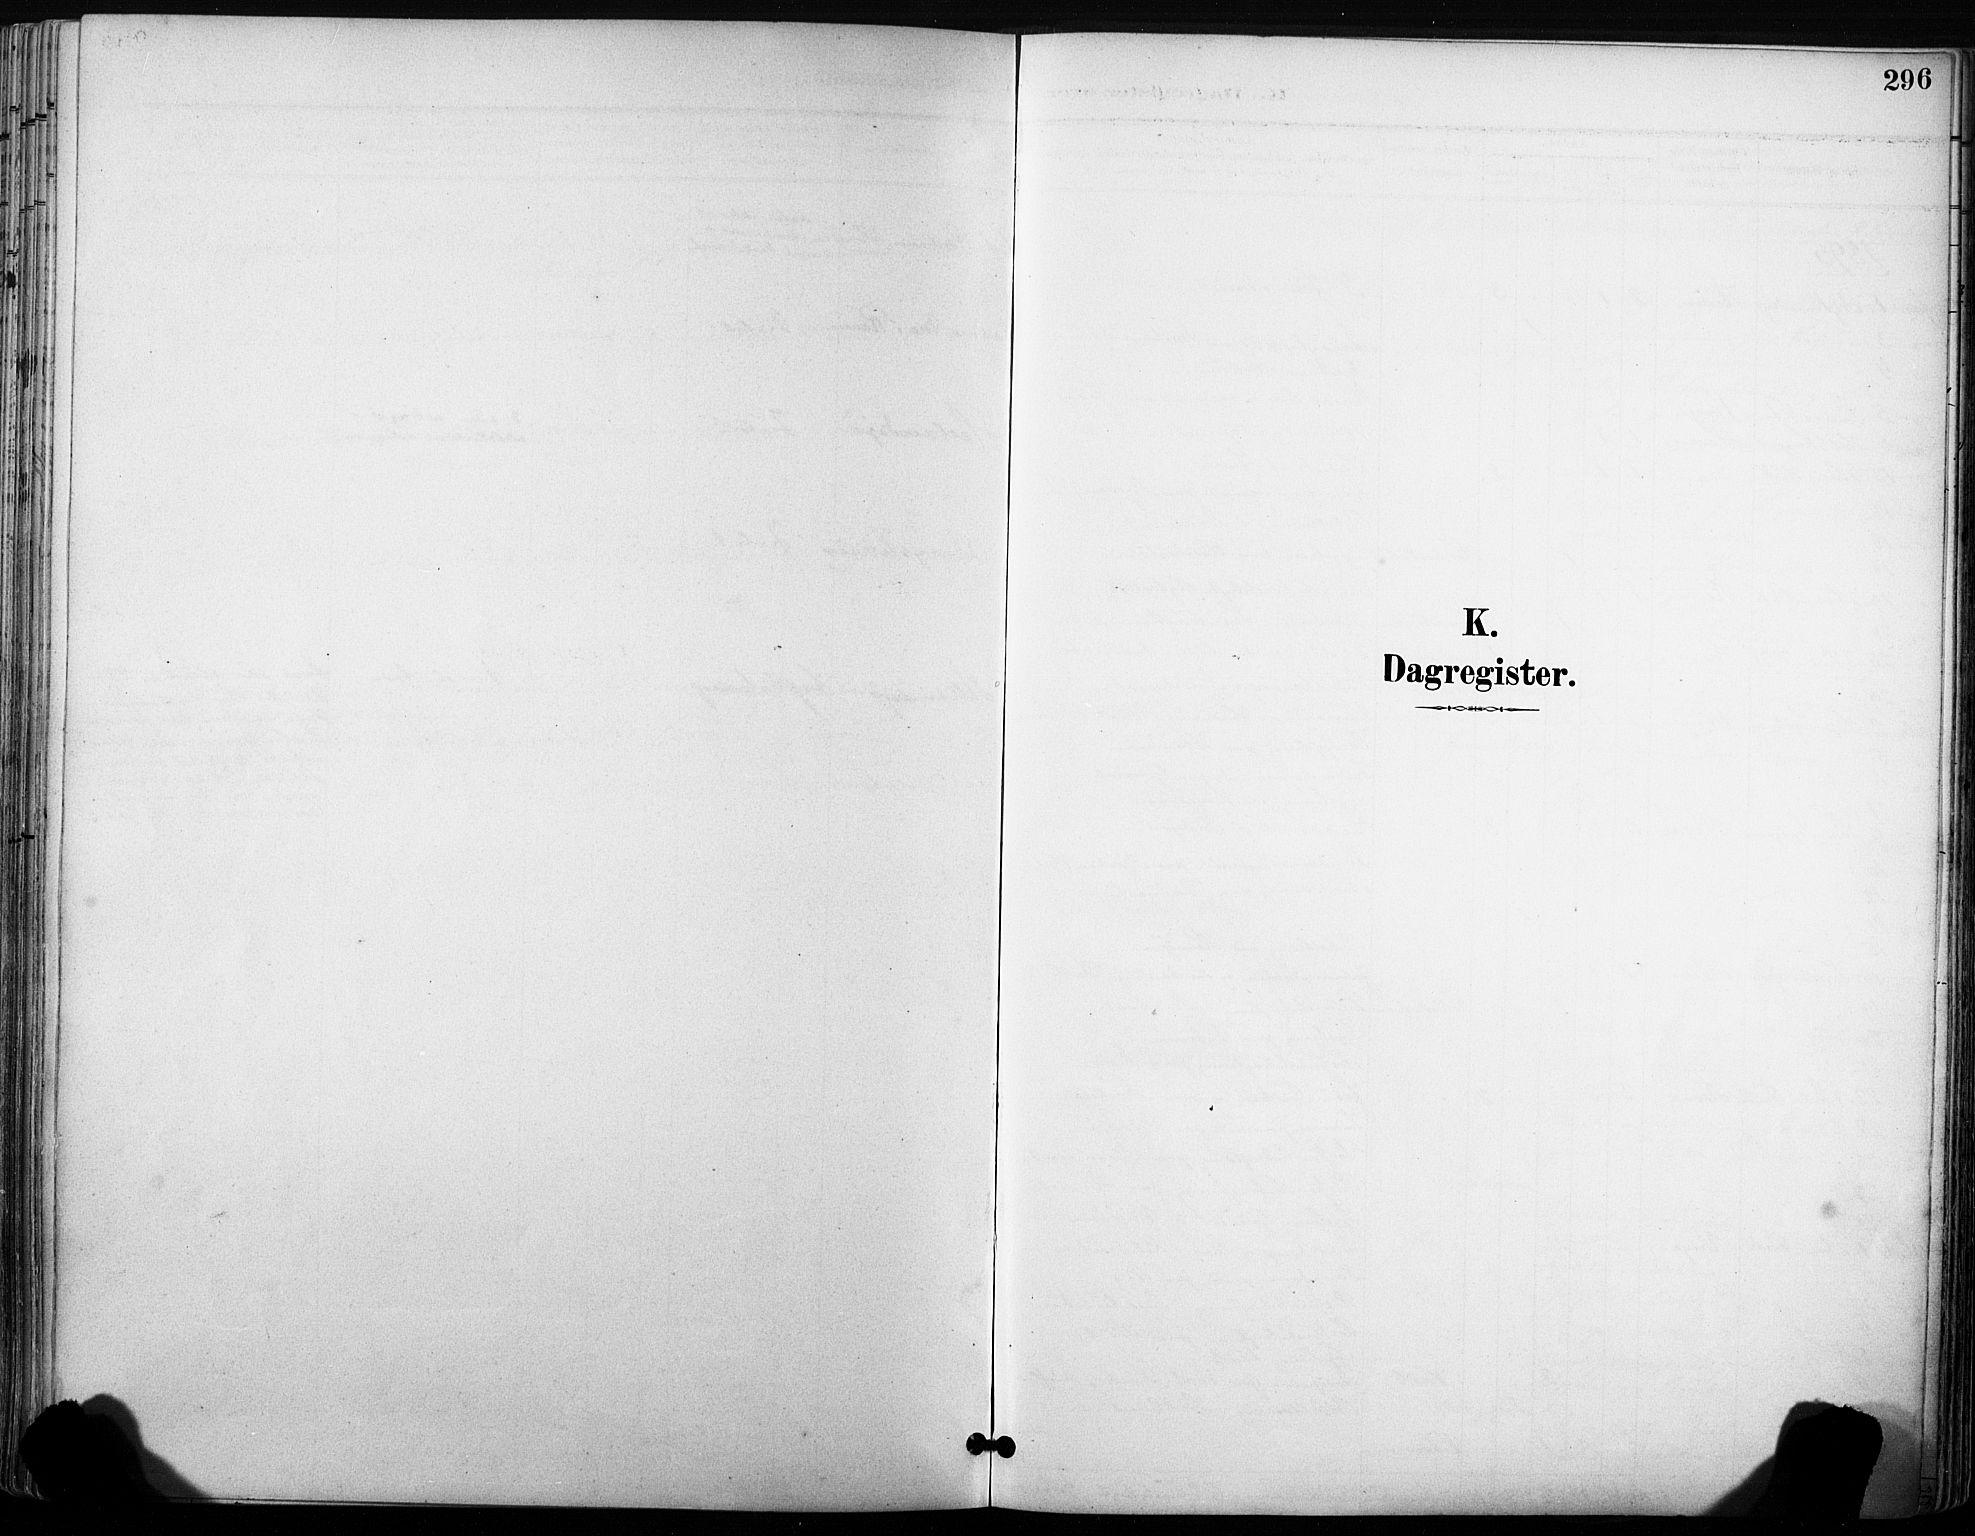 SAT, Ministerialprotokoller, klokkerbøker og fødselsregistre - Sør-Trøndelag, 630/L0497: Ministerialbok nr. 630A10, 1896-1910, s. 296